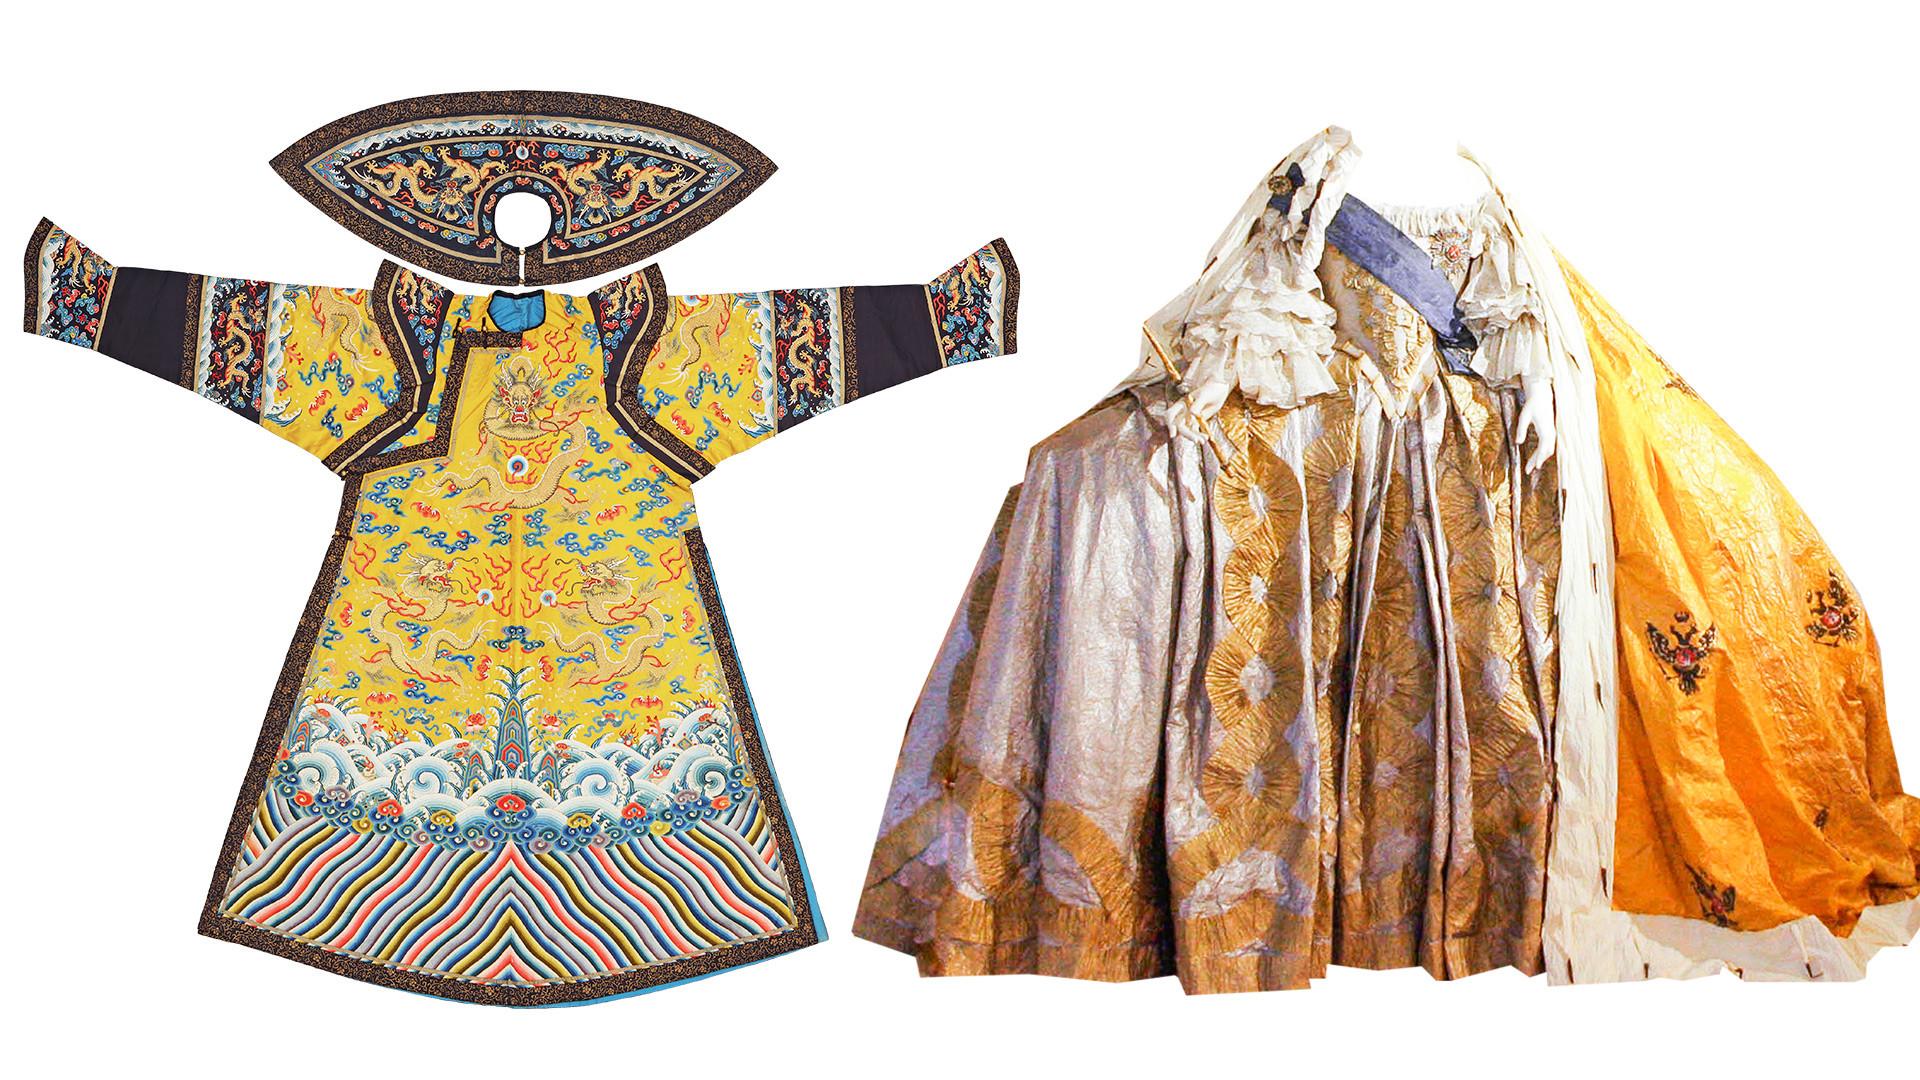 Lijevo: Svečana odjeća carice. Dinastija Qing, vladavina Qianlonga (1736.–1796.) Desno: Krunidbena haljina (najvjerojatnije Elizabete Petrovne)